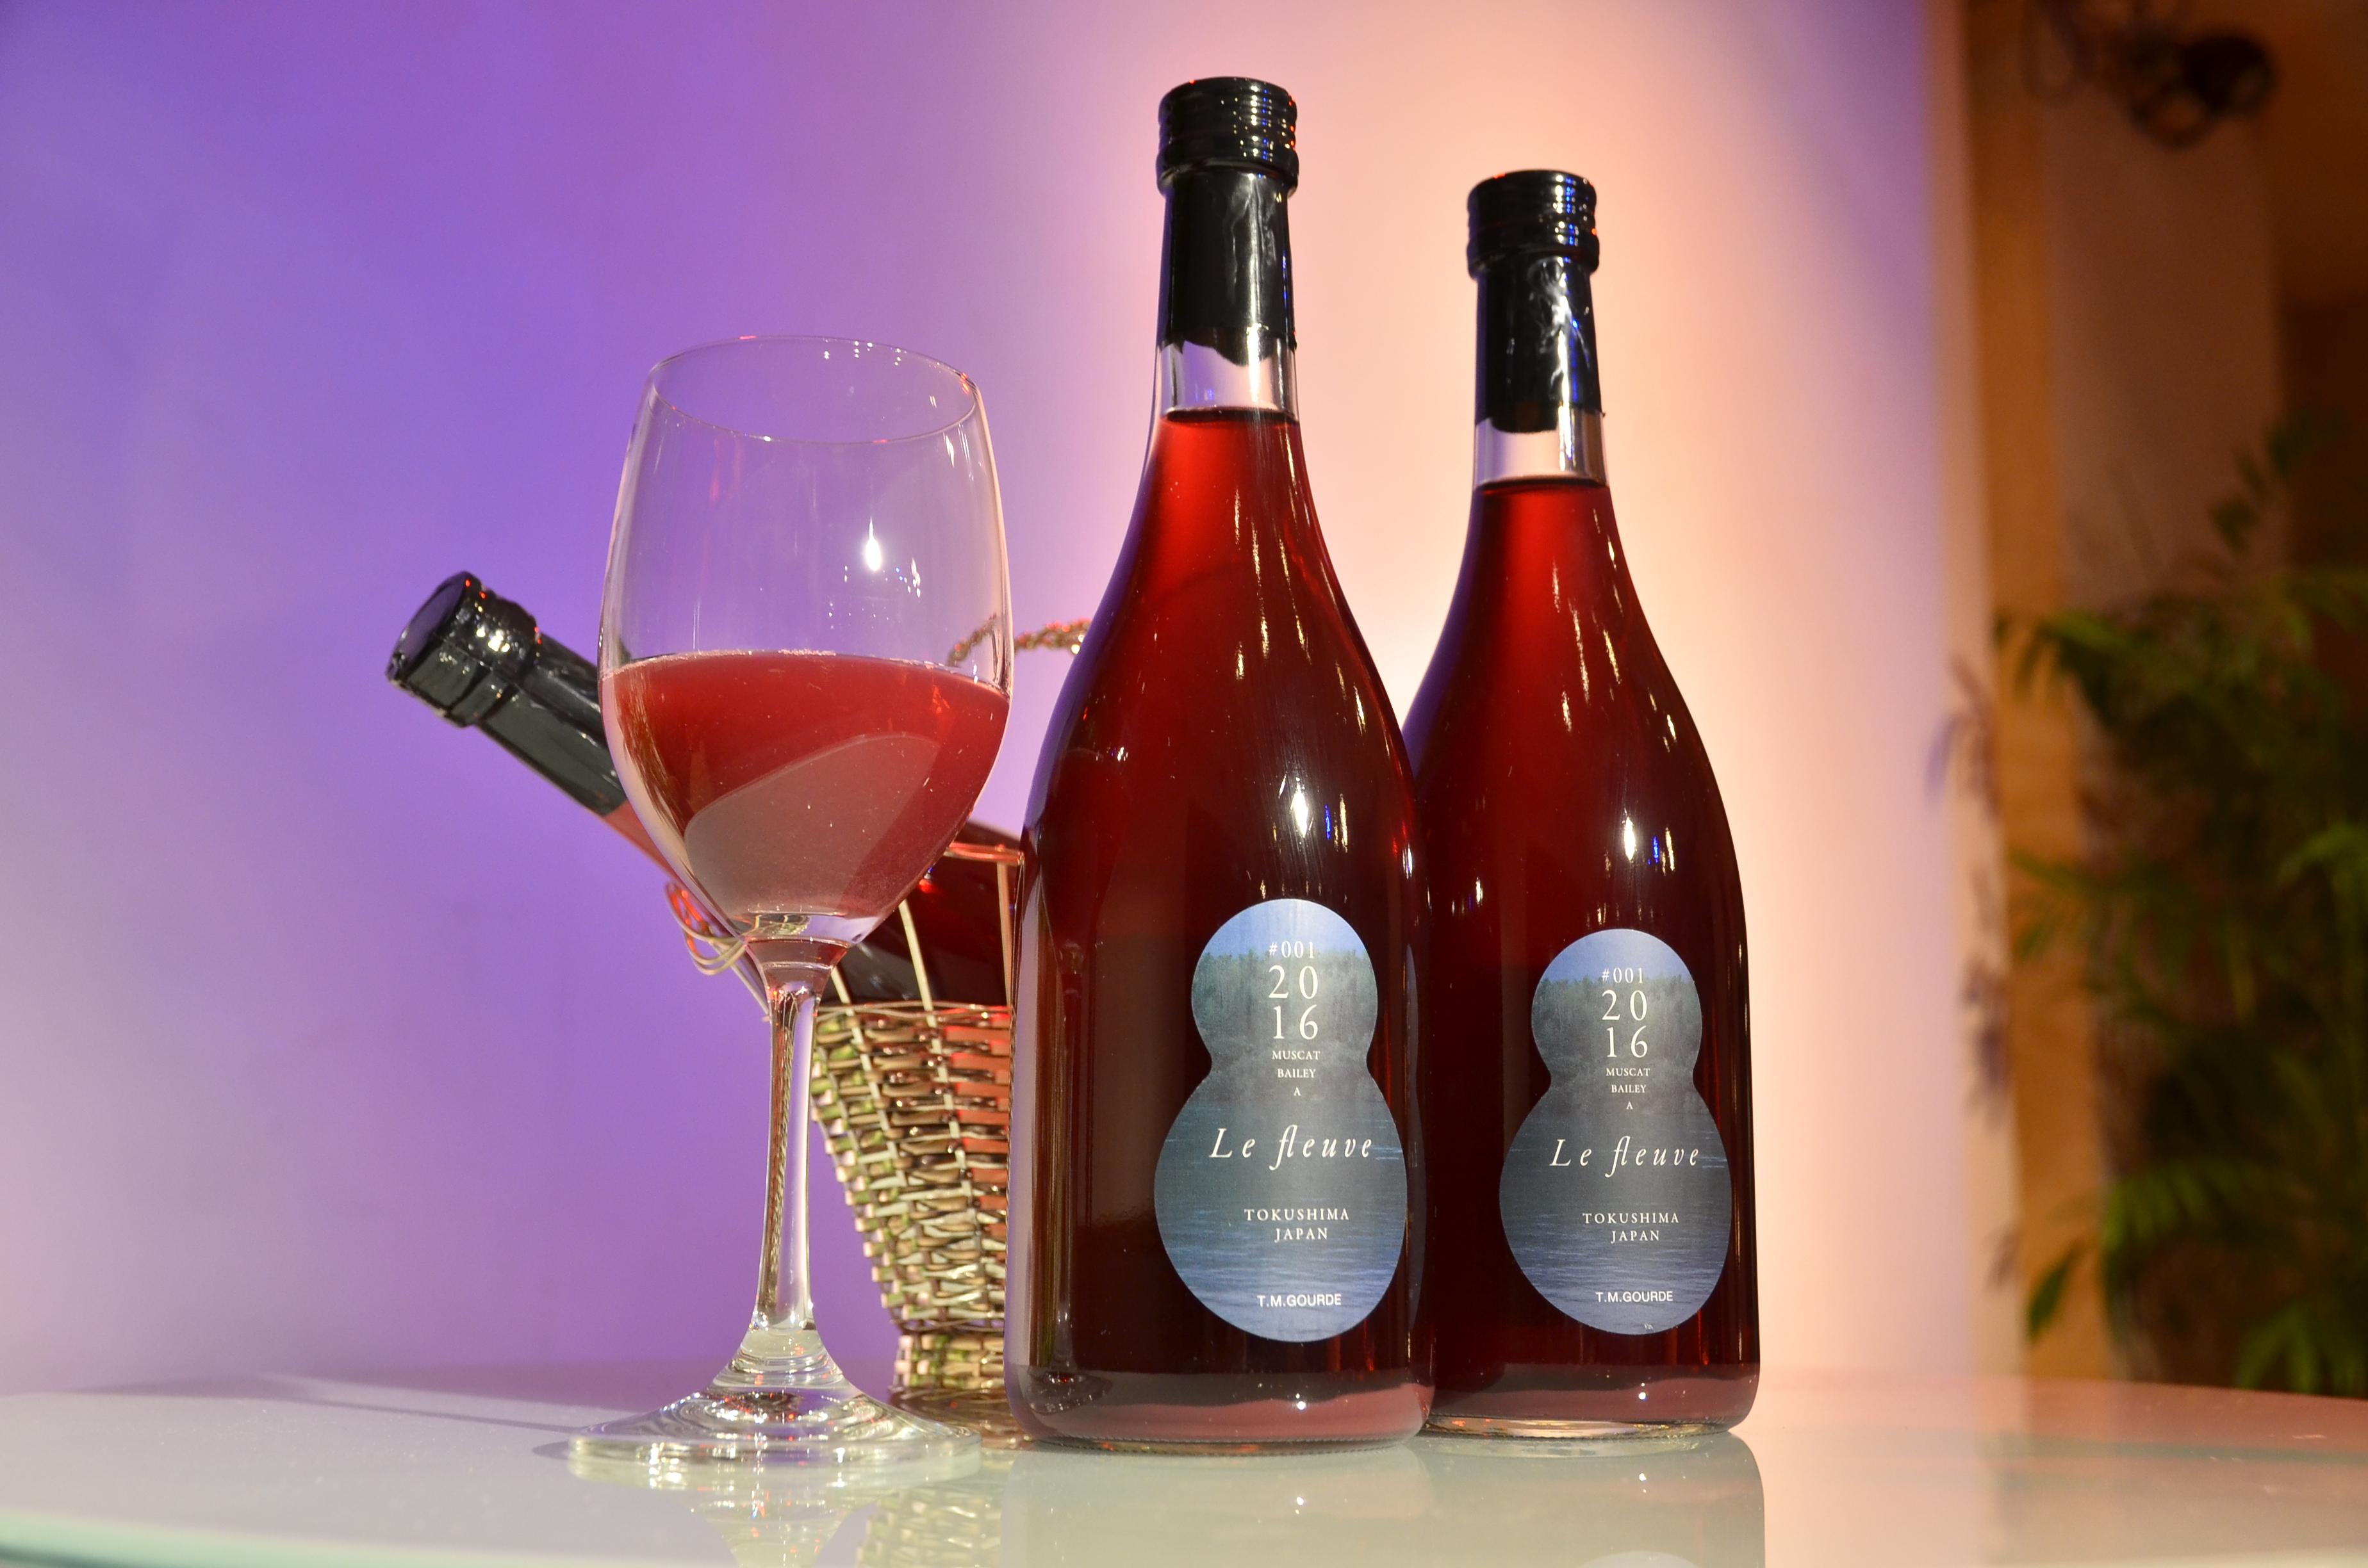 オール徳島なワインができました。その名も「川」!?